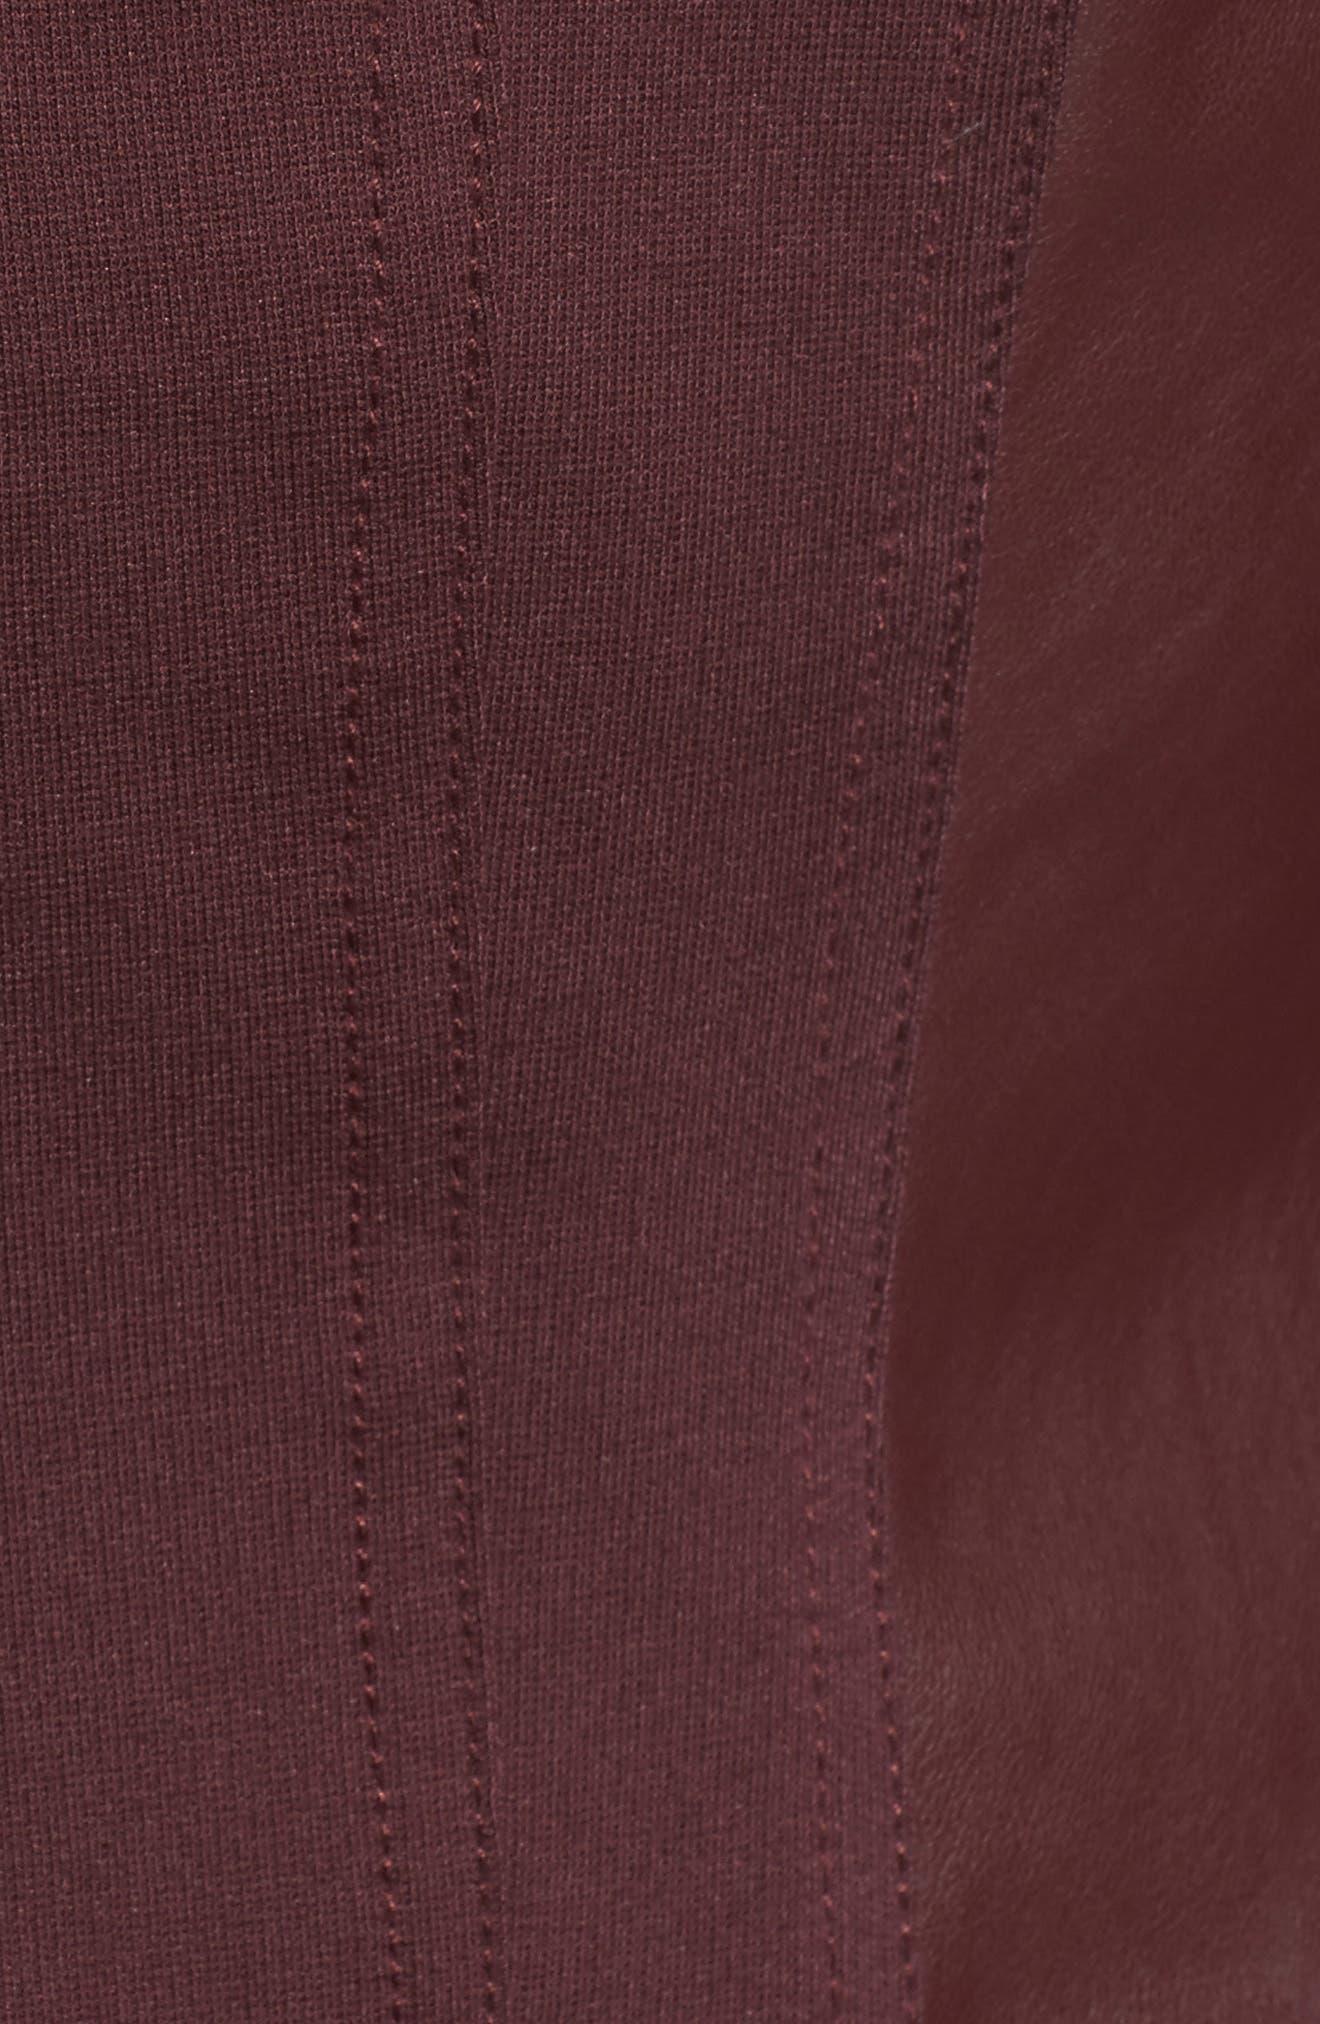 Drape Ponte Jacket,                             Alternate thumbnail 6, color,                             209